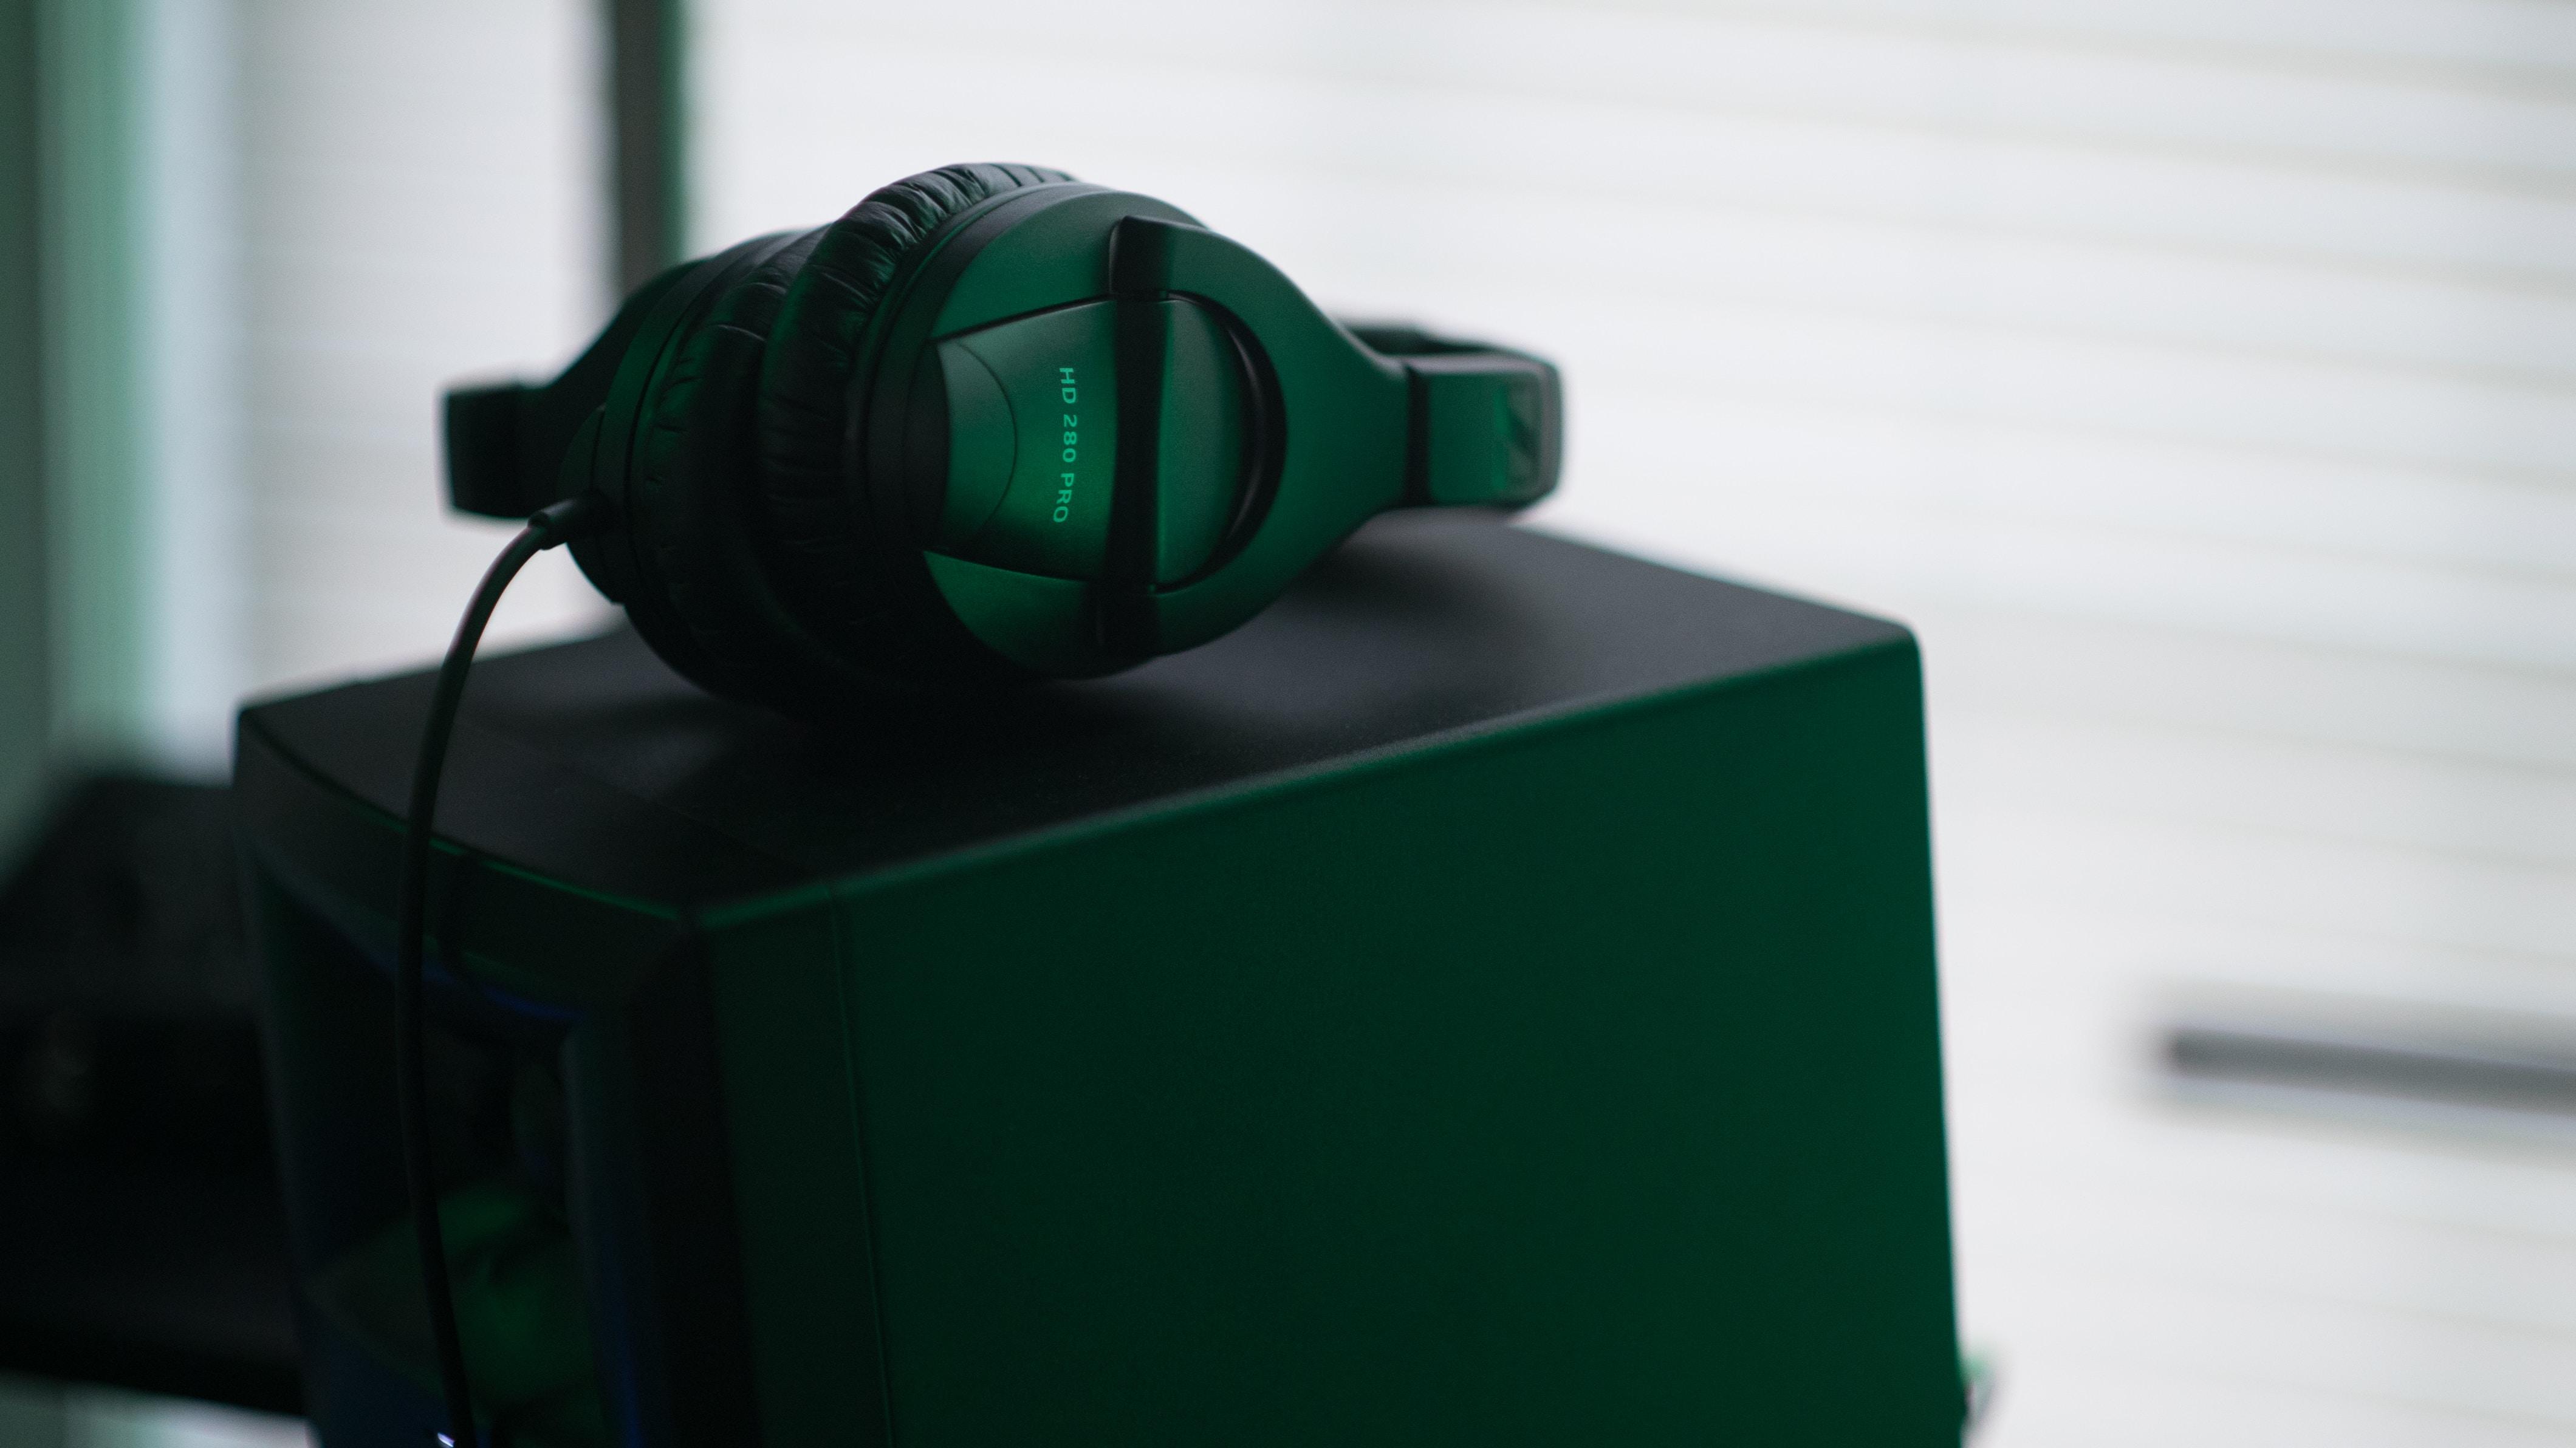 Headphones on top of a loudspeaker in dim green light